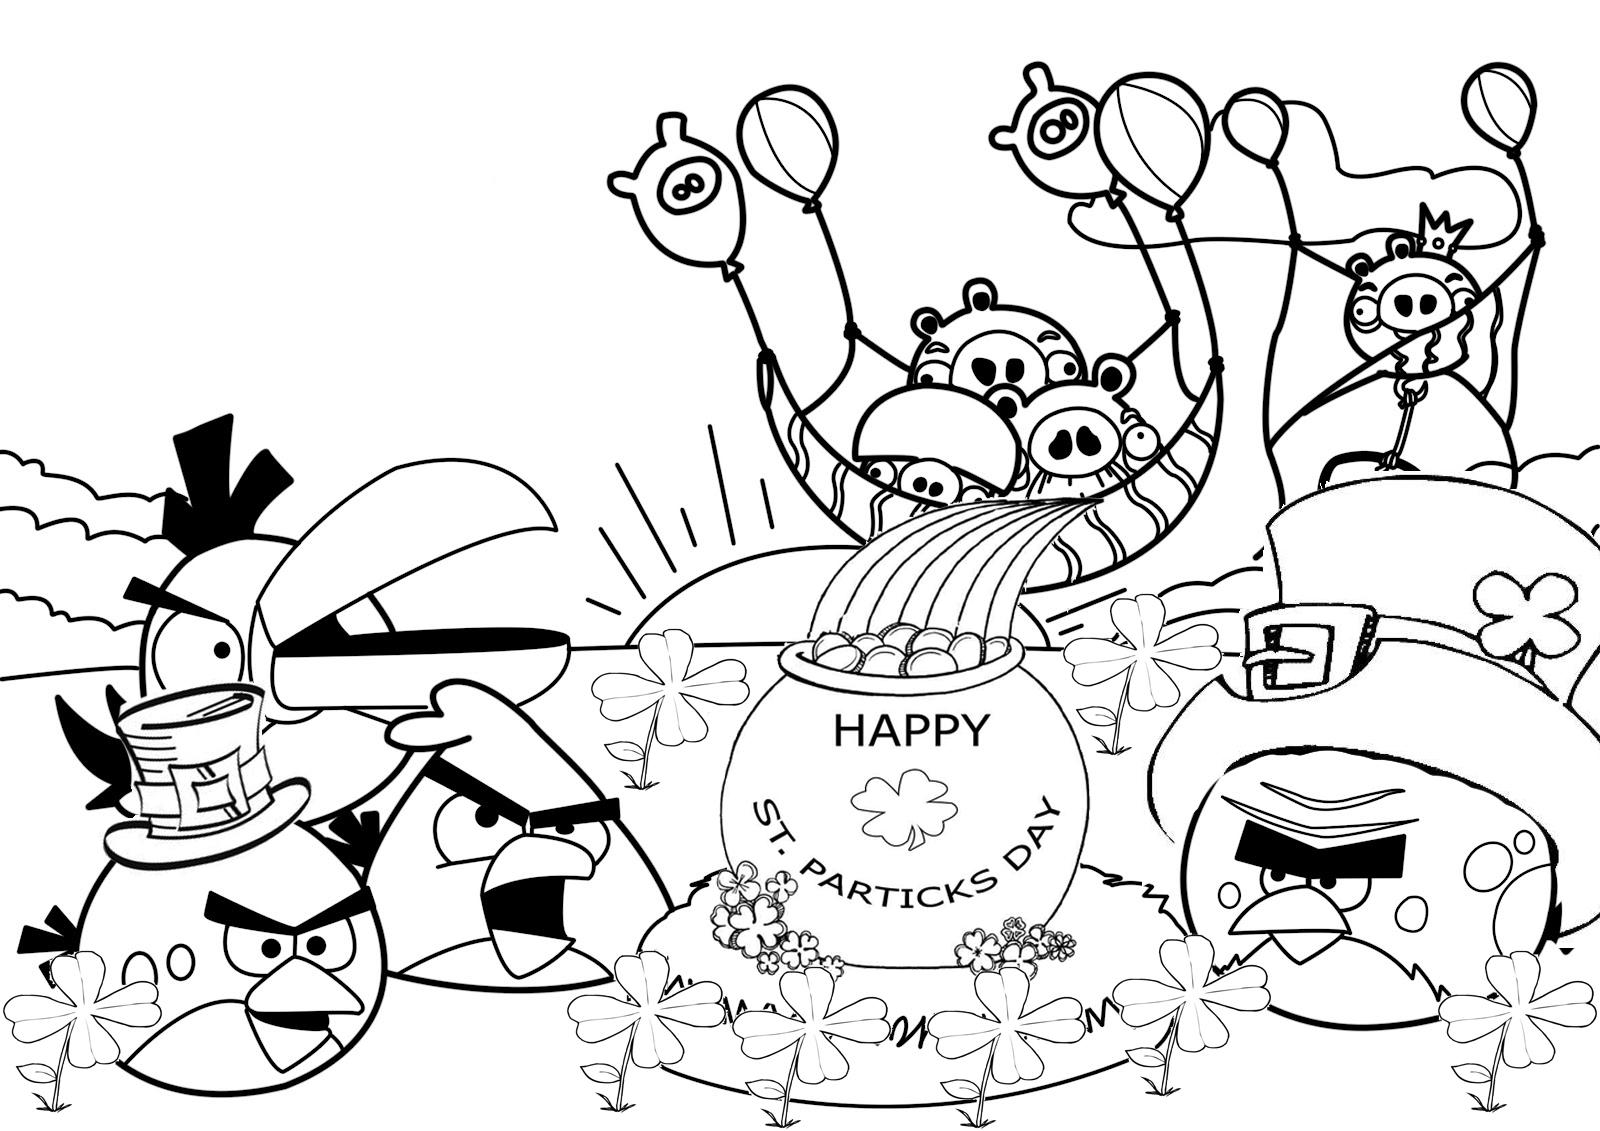 Dibujo para colorear de Angry Birds Seasons: Los pájaros festejan st patric